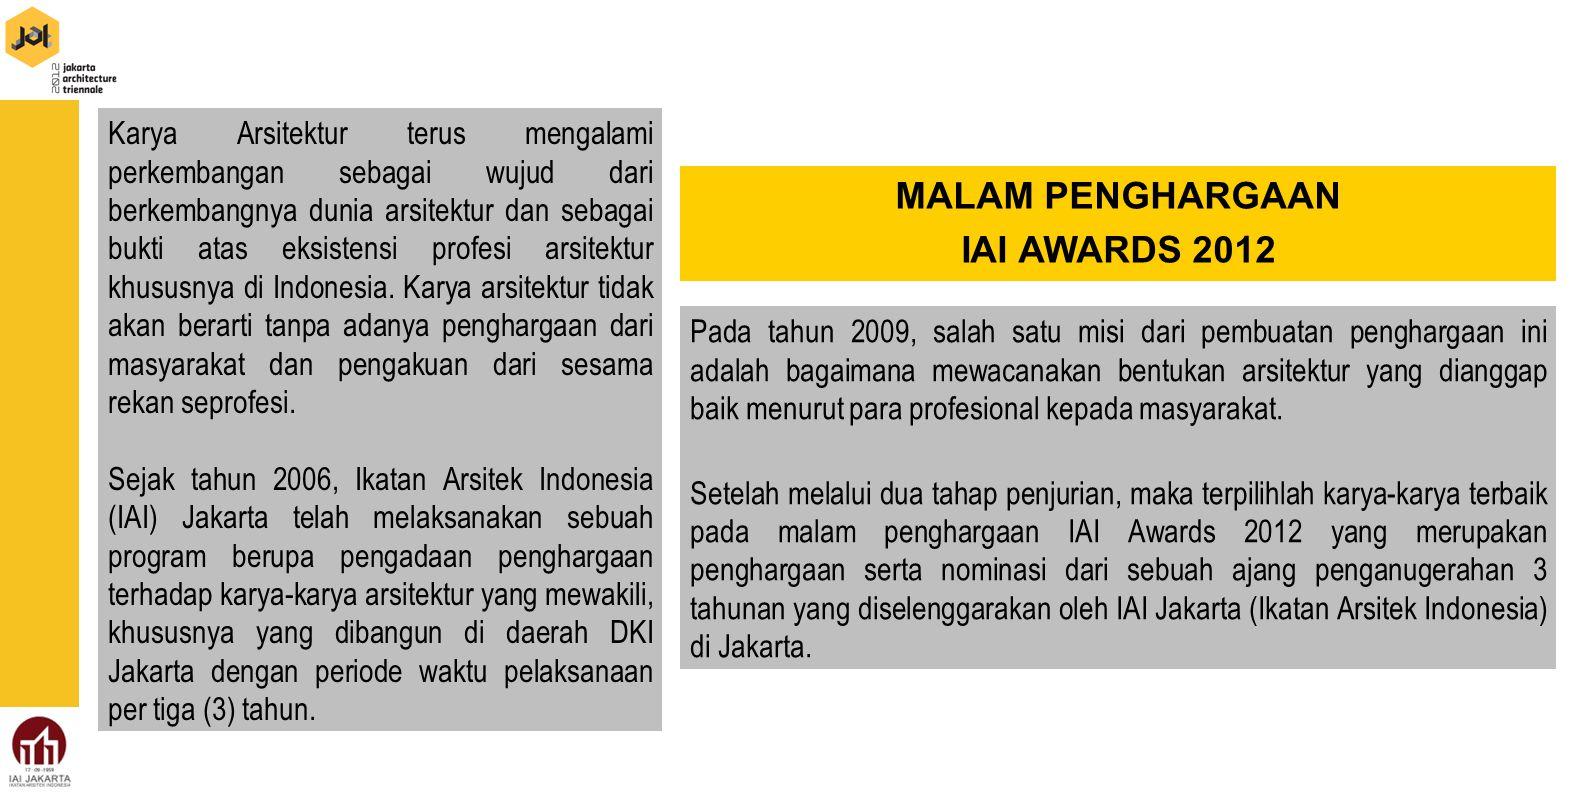 MALAM PENGHARGAAN IAI AWARDS 2012